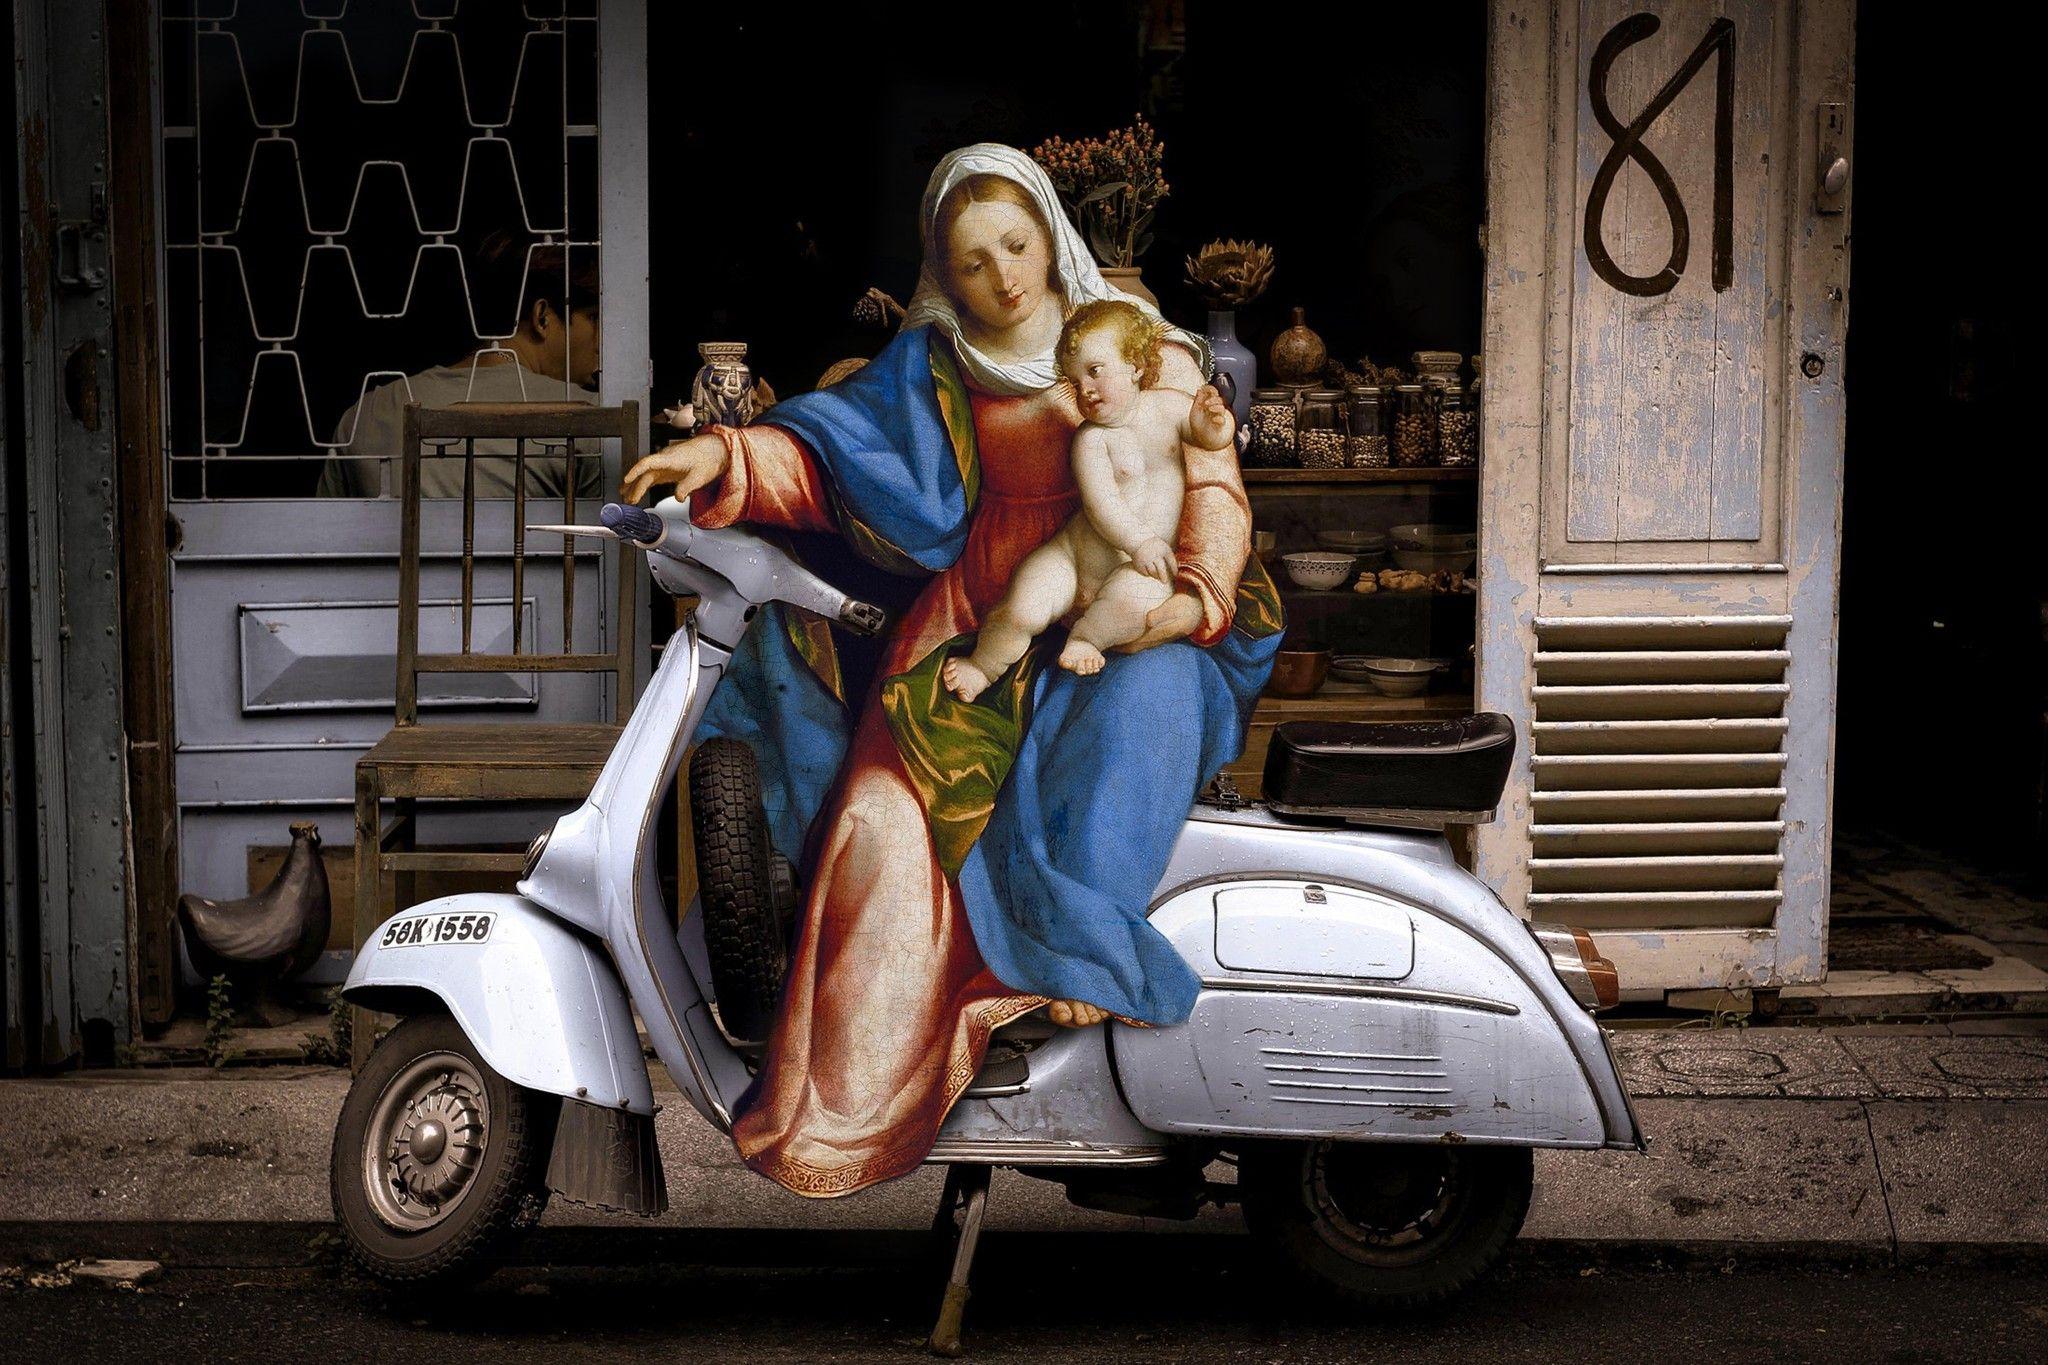 """FOTOGRAFIA DIGITALE SU TELA  -  ARTISTA SLASKY  - TITOLO  """"MADONNA CON BAMBINO"""" cm. L 120 X H 80"""